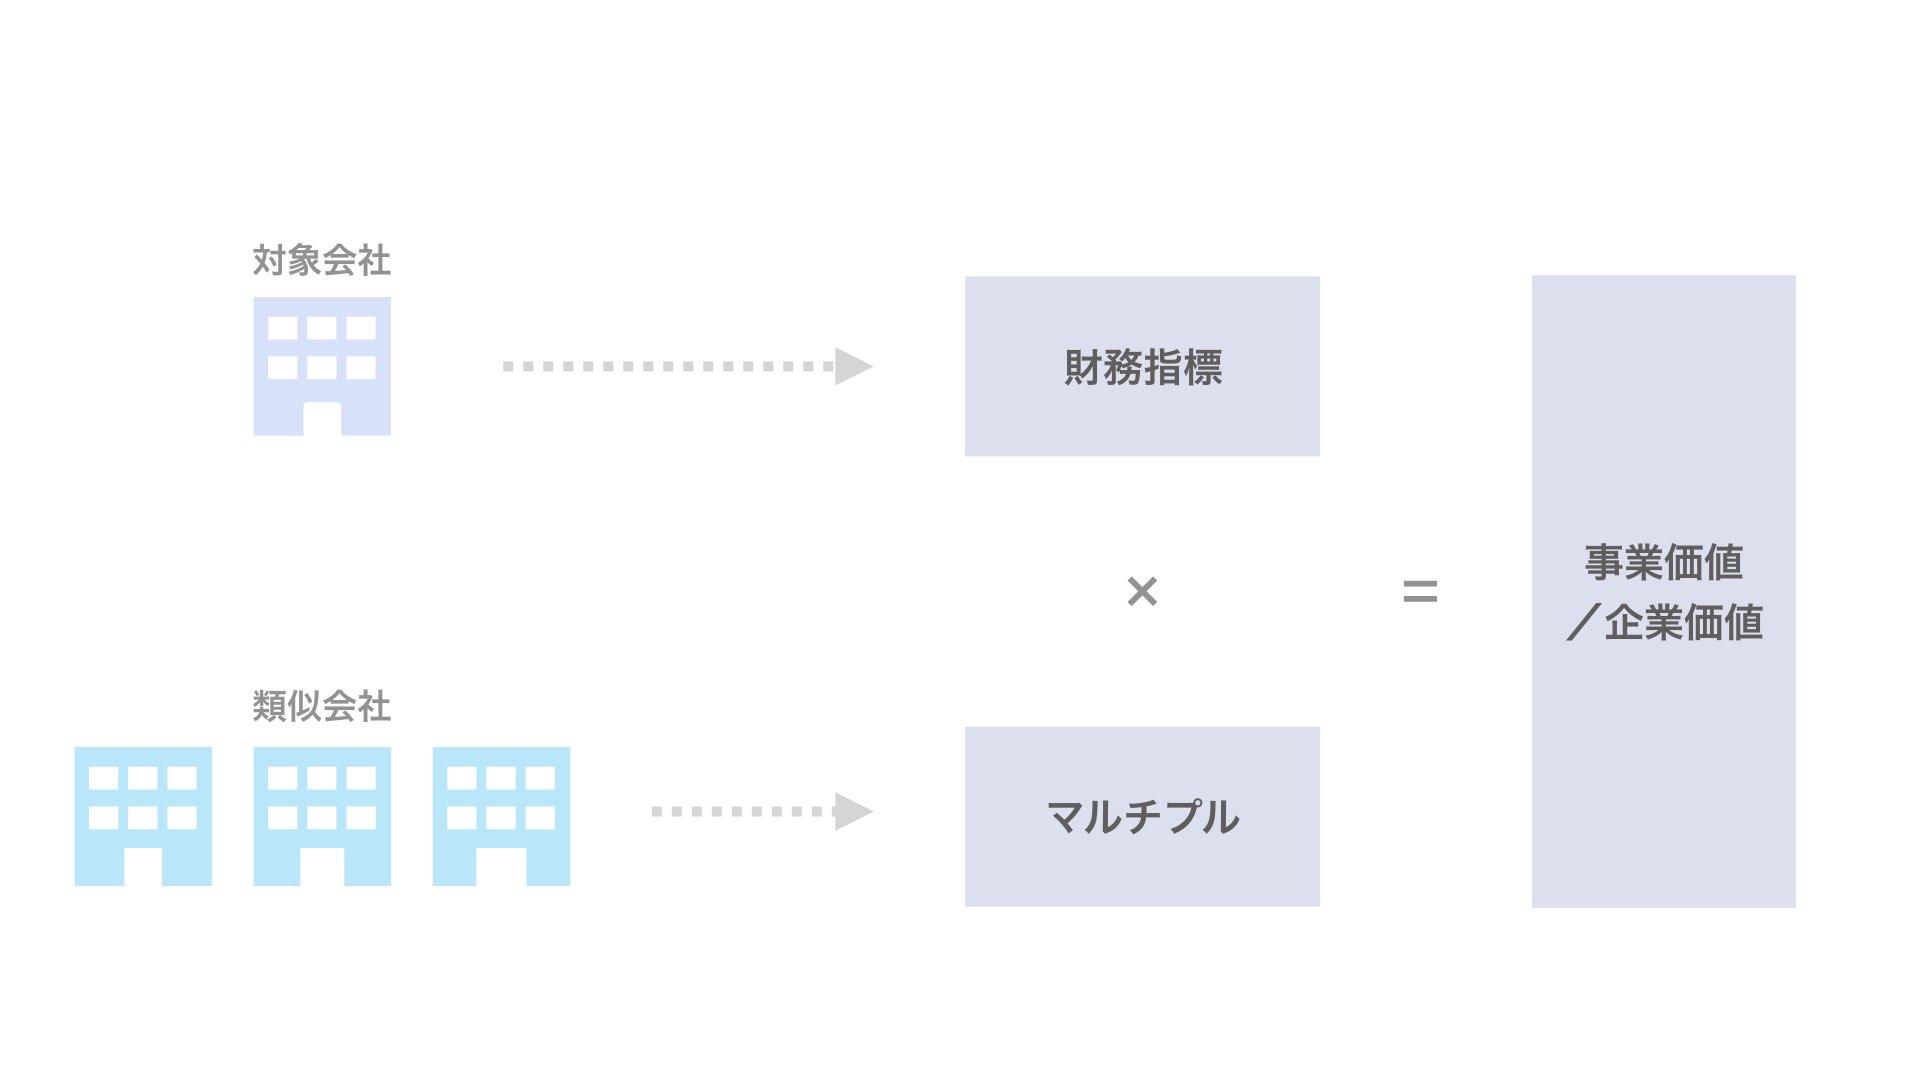 対象会社の事業価値や株式価値を計算する手法